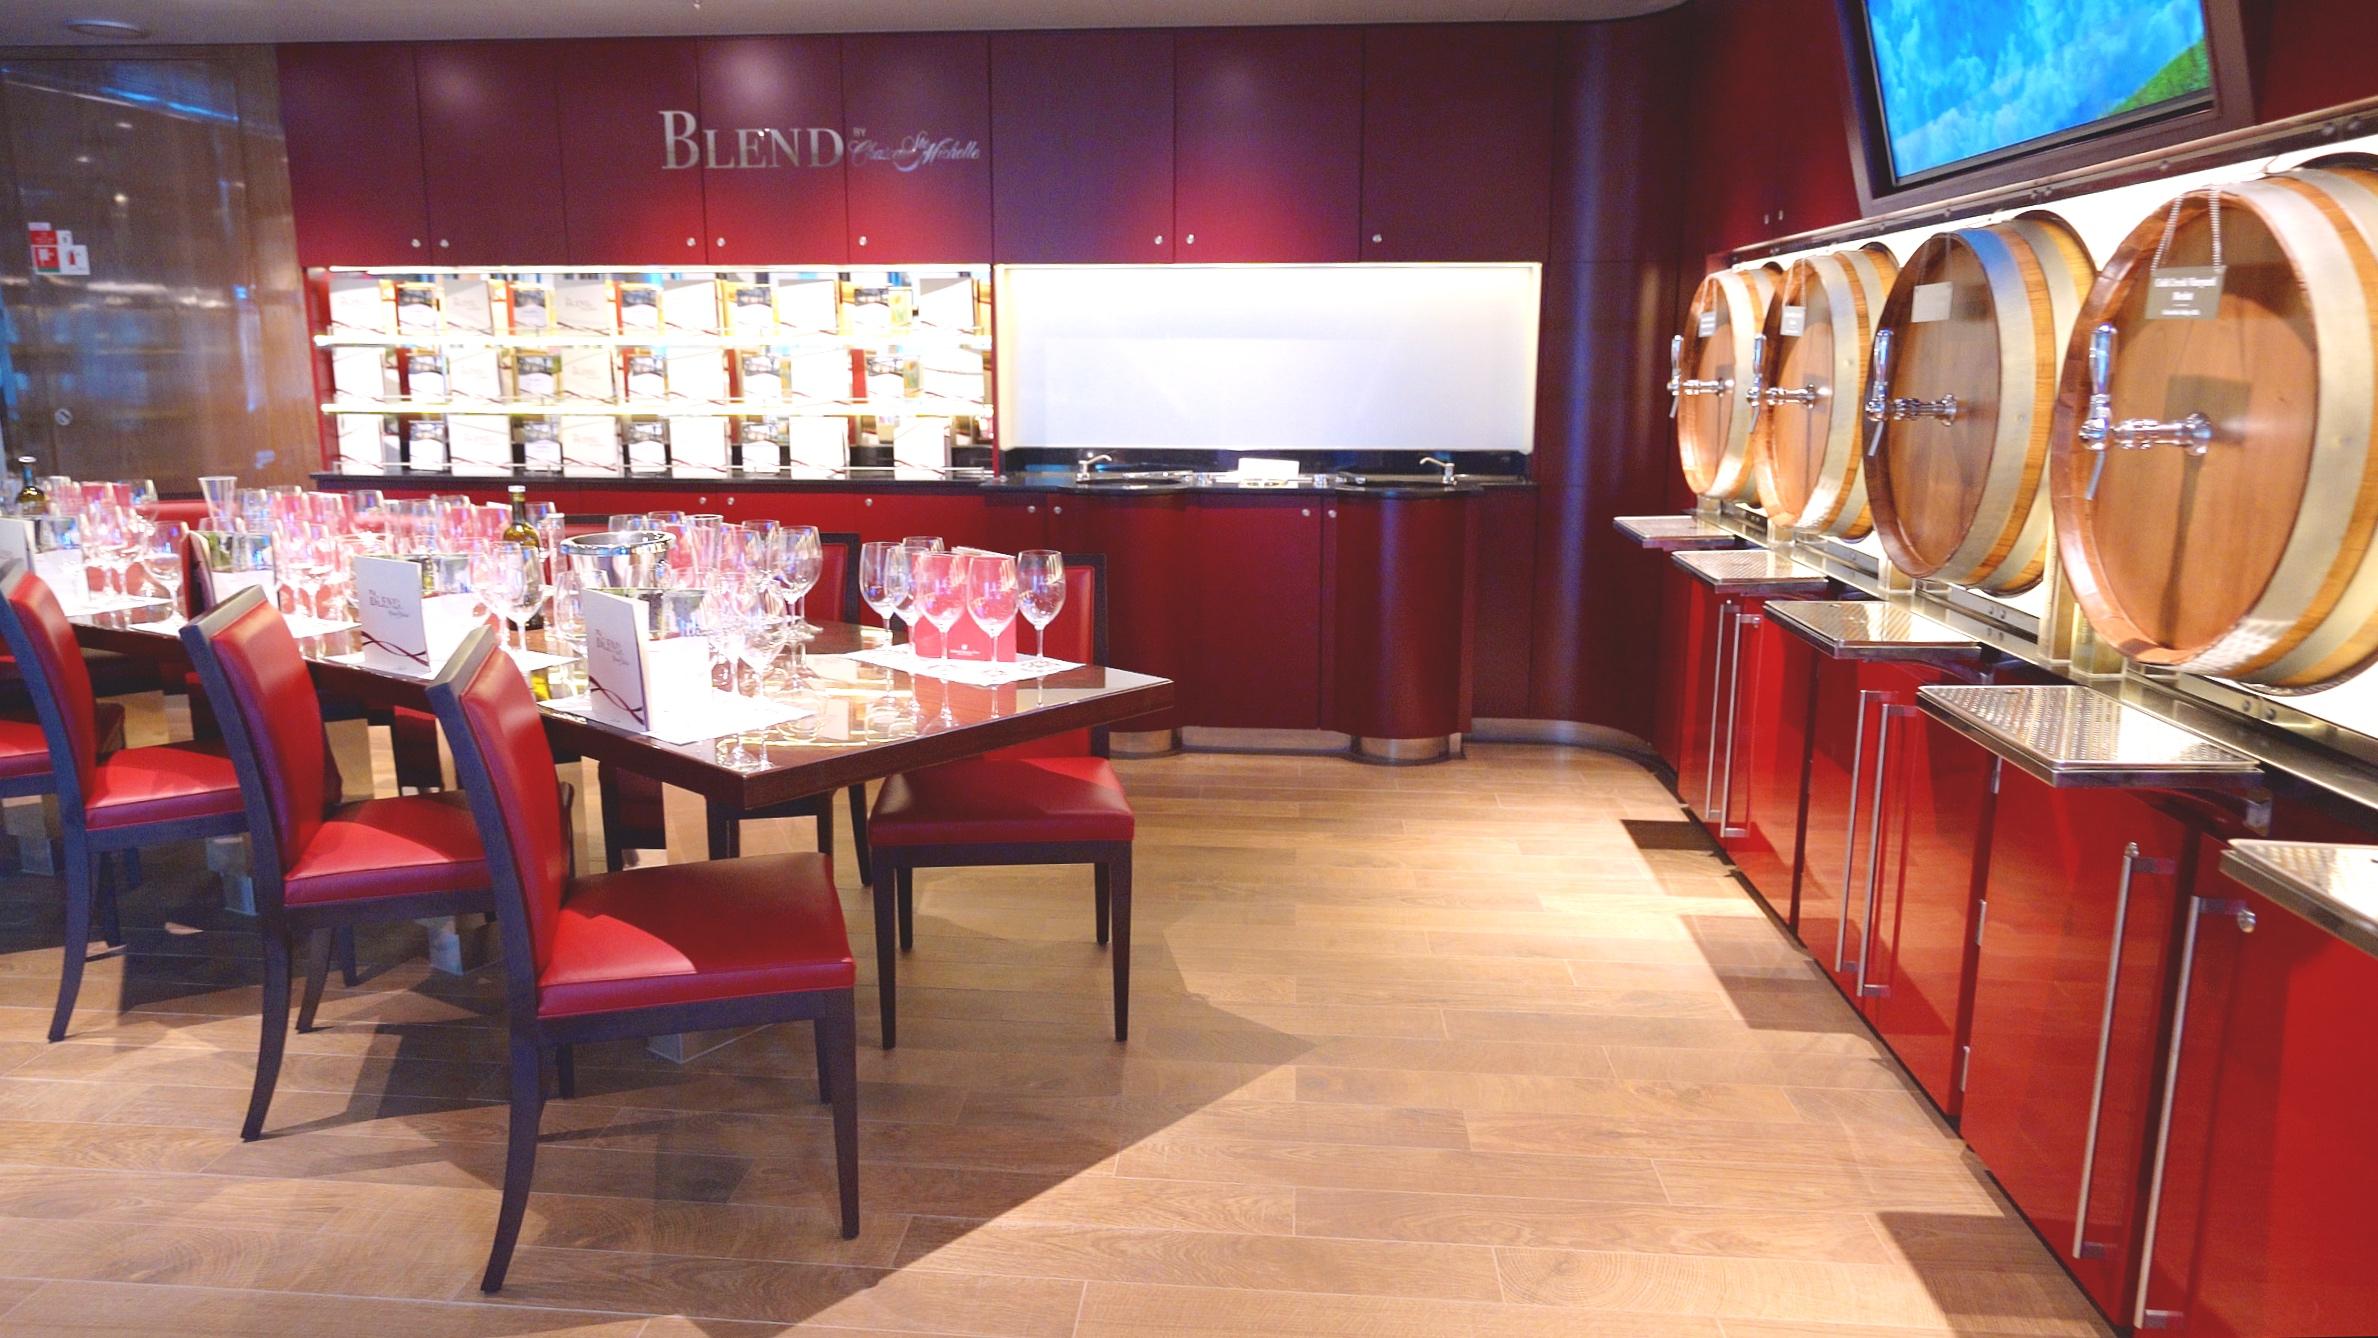 Blend wine tasting room